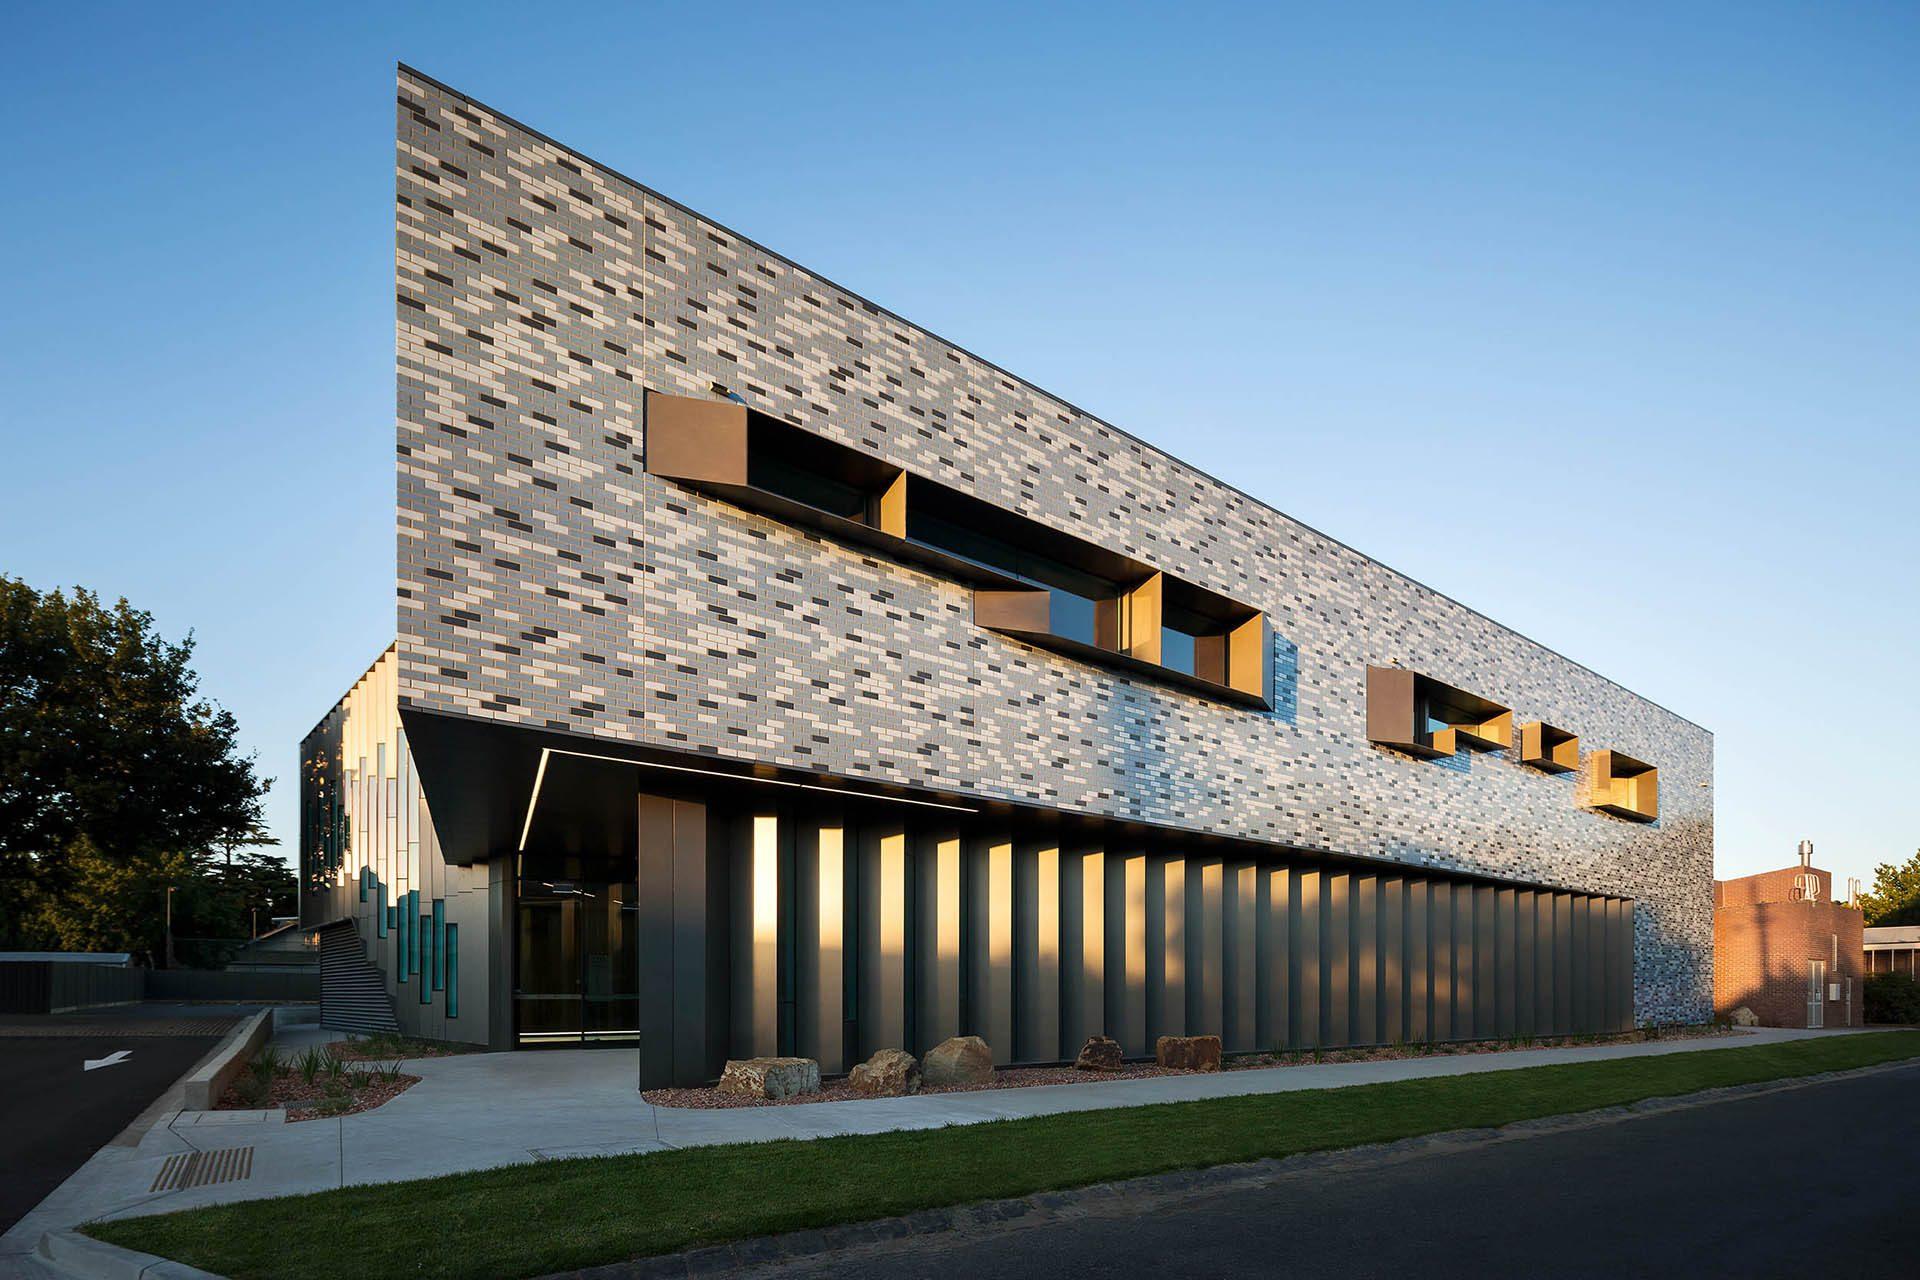 architectural-building-design-8X4V44H.jpg